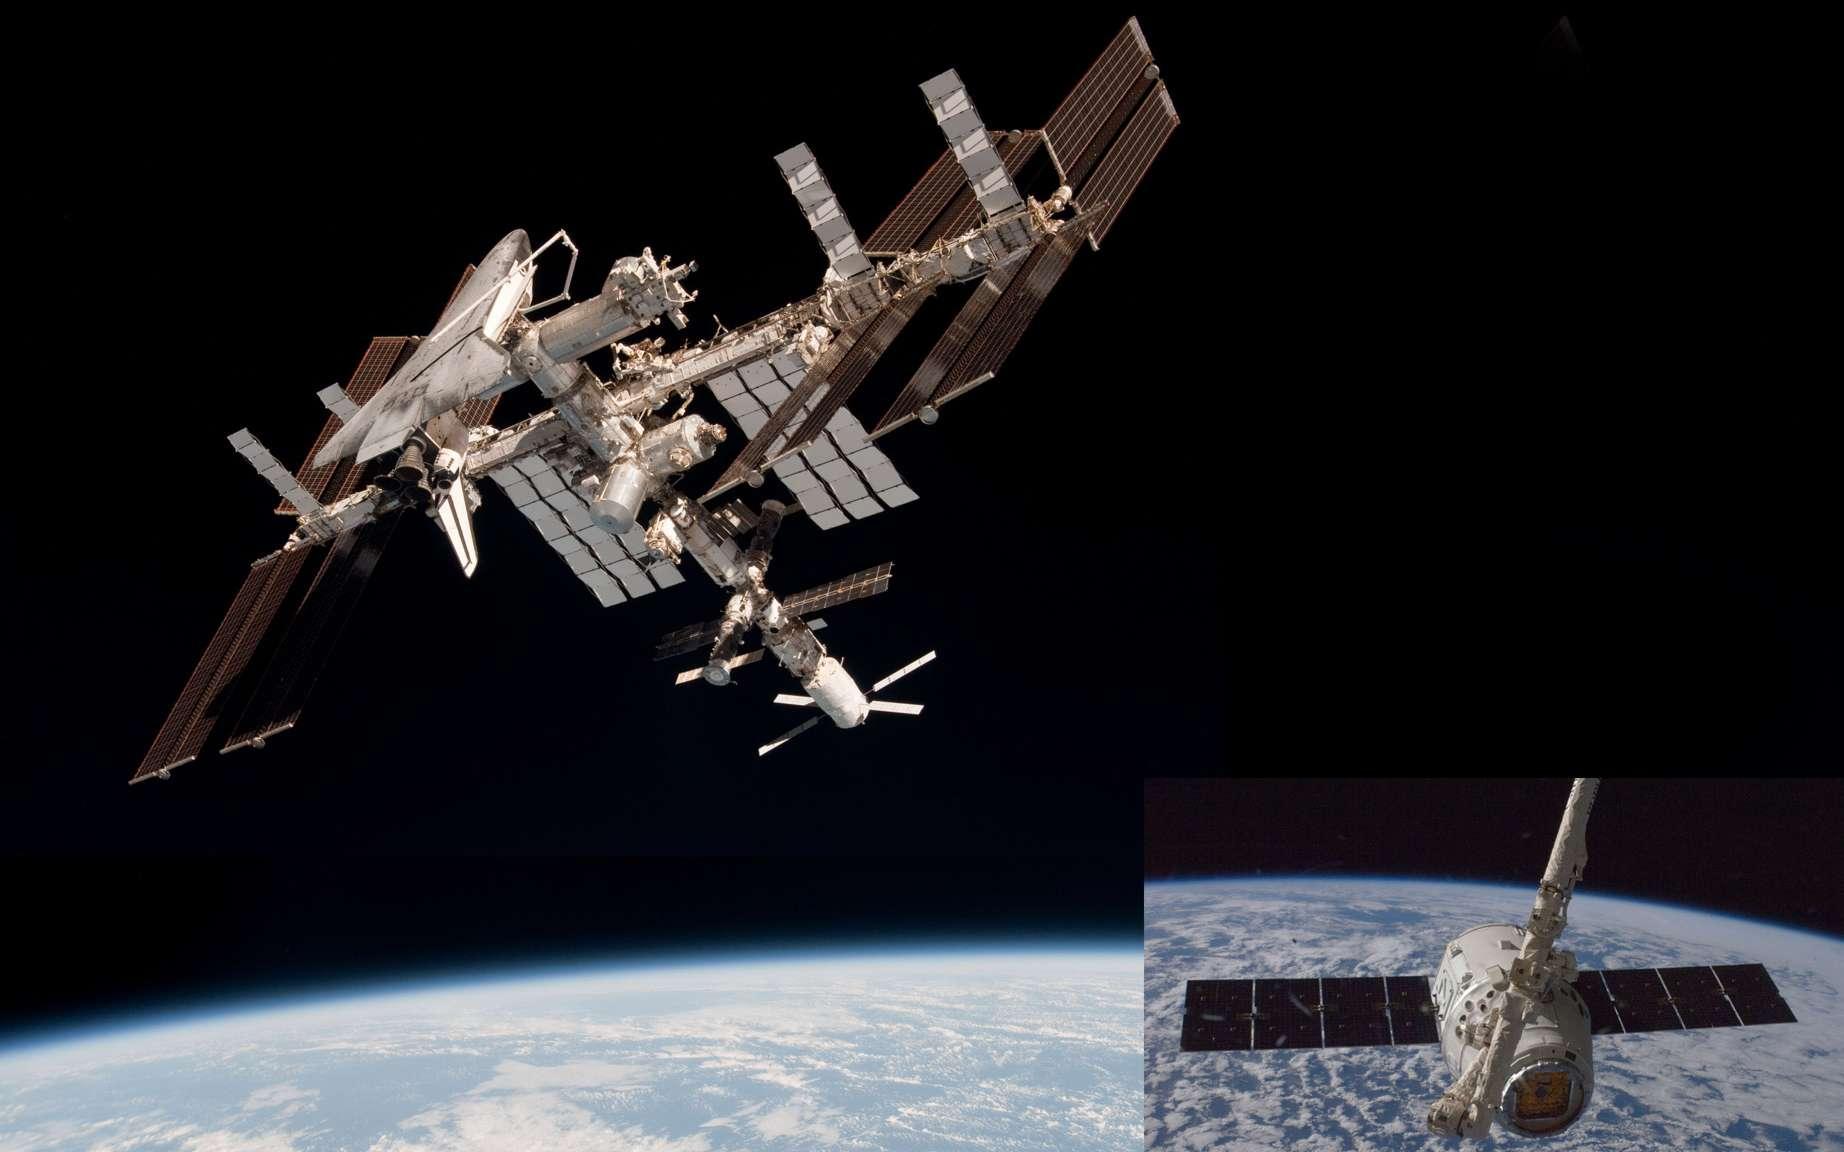 En démontrant qu'il était possible à un engin ni russe ni américain de s'amarrer à la Station en sécurité, l'ATV a facilité la tâche à SpaceX qui s'est appuyé sur ce programme pour préparer sa capsule Dragon. © Nasa